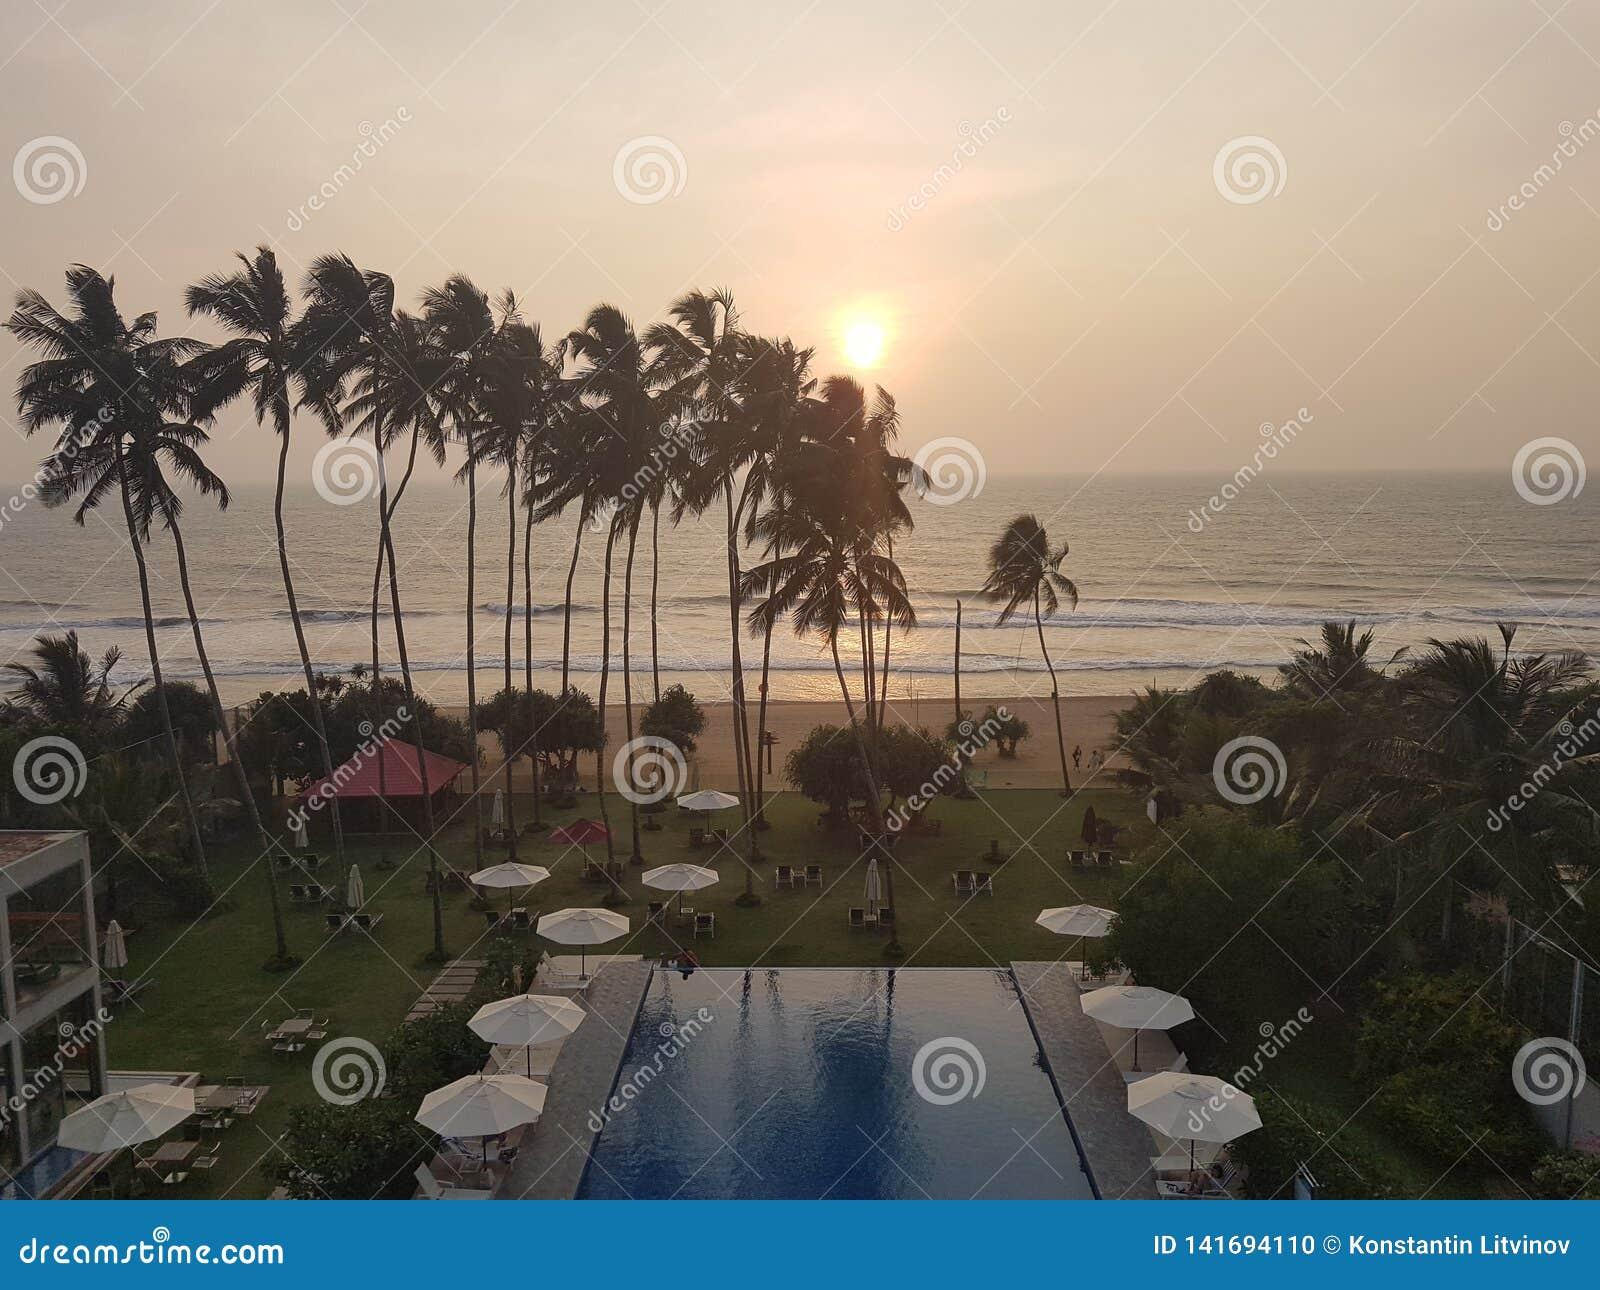 Εξωτικό ξενοδοχείο με την πισίνα και φοίνικες στην παραλία του ωκεανού, Σρι Λάνκα, παραλία